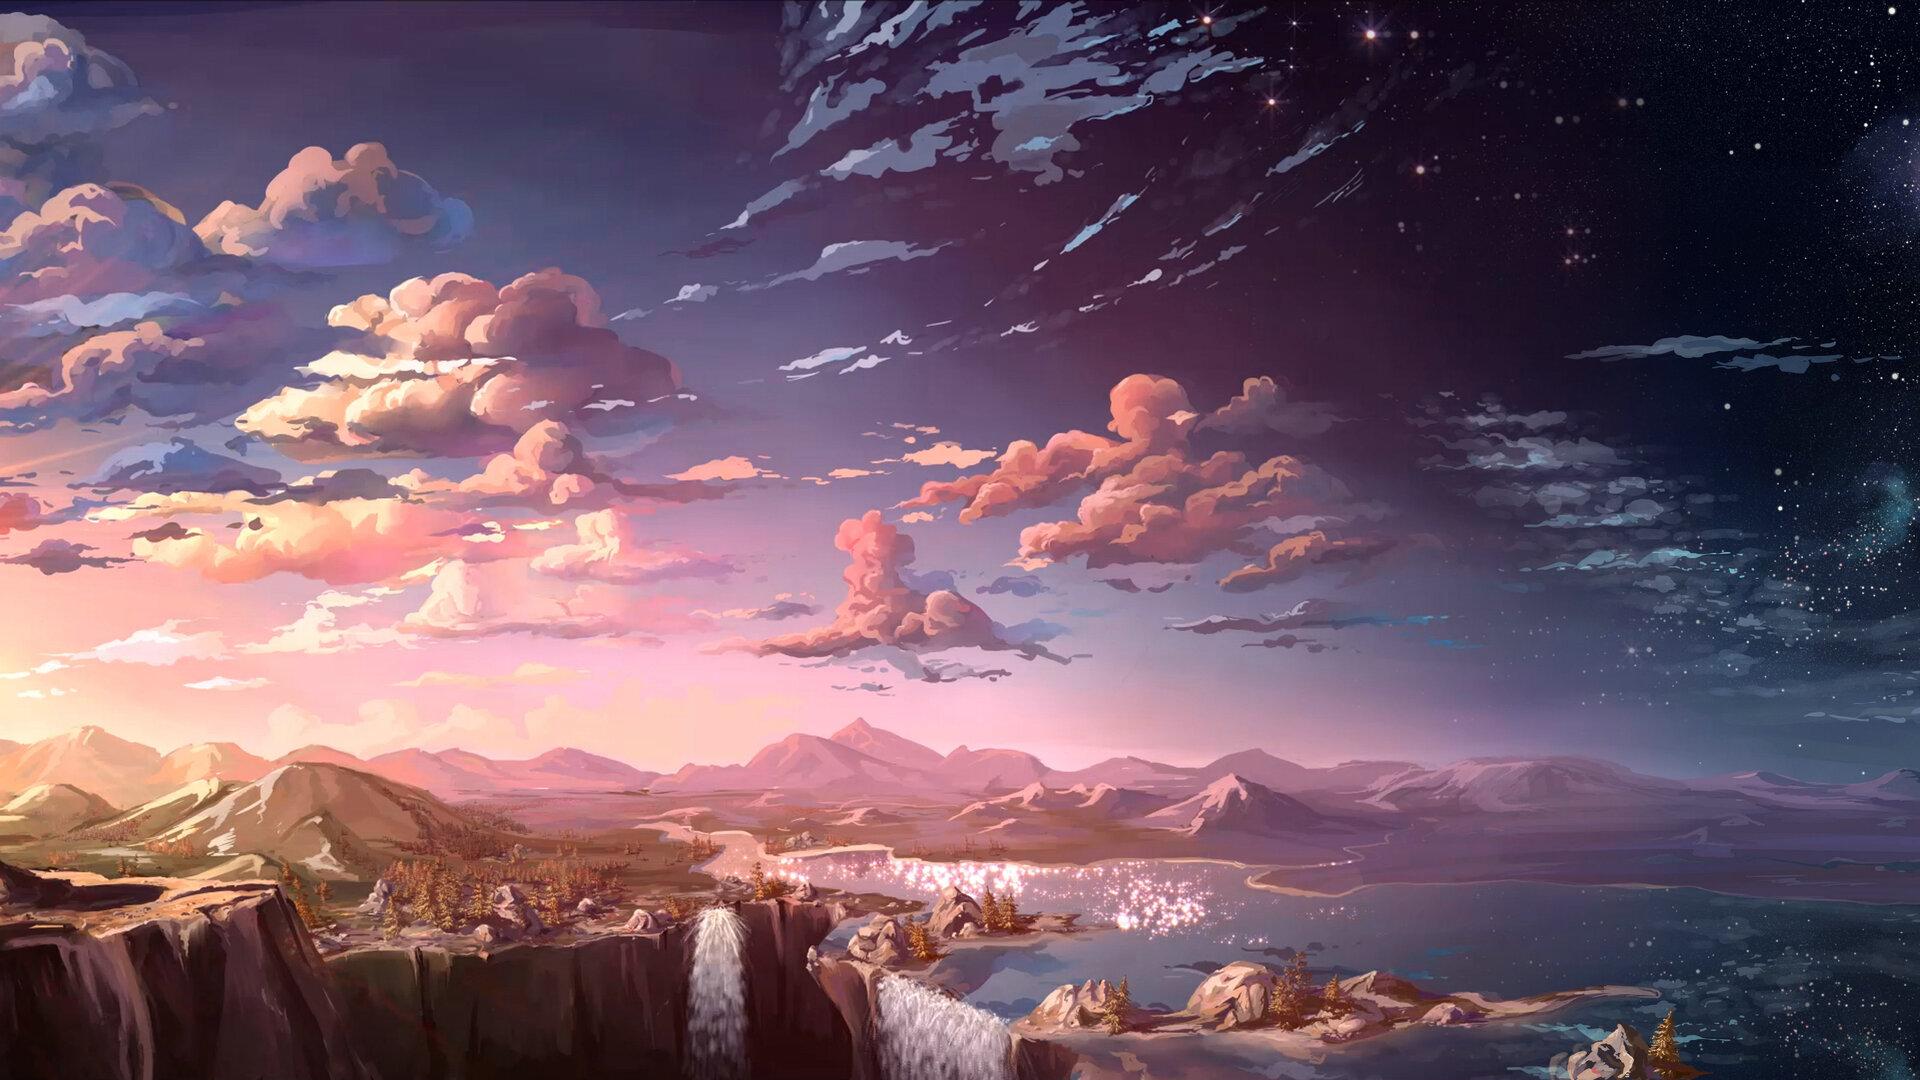 1920x1080 Anime Landscape Waterfall Cloud 5k Laptop Full ...